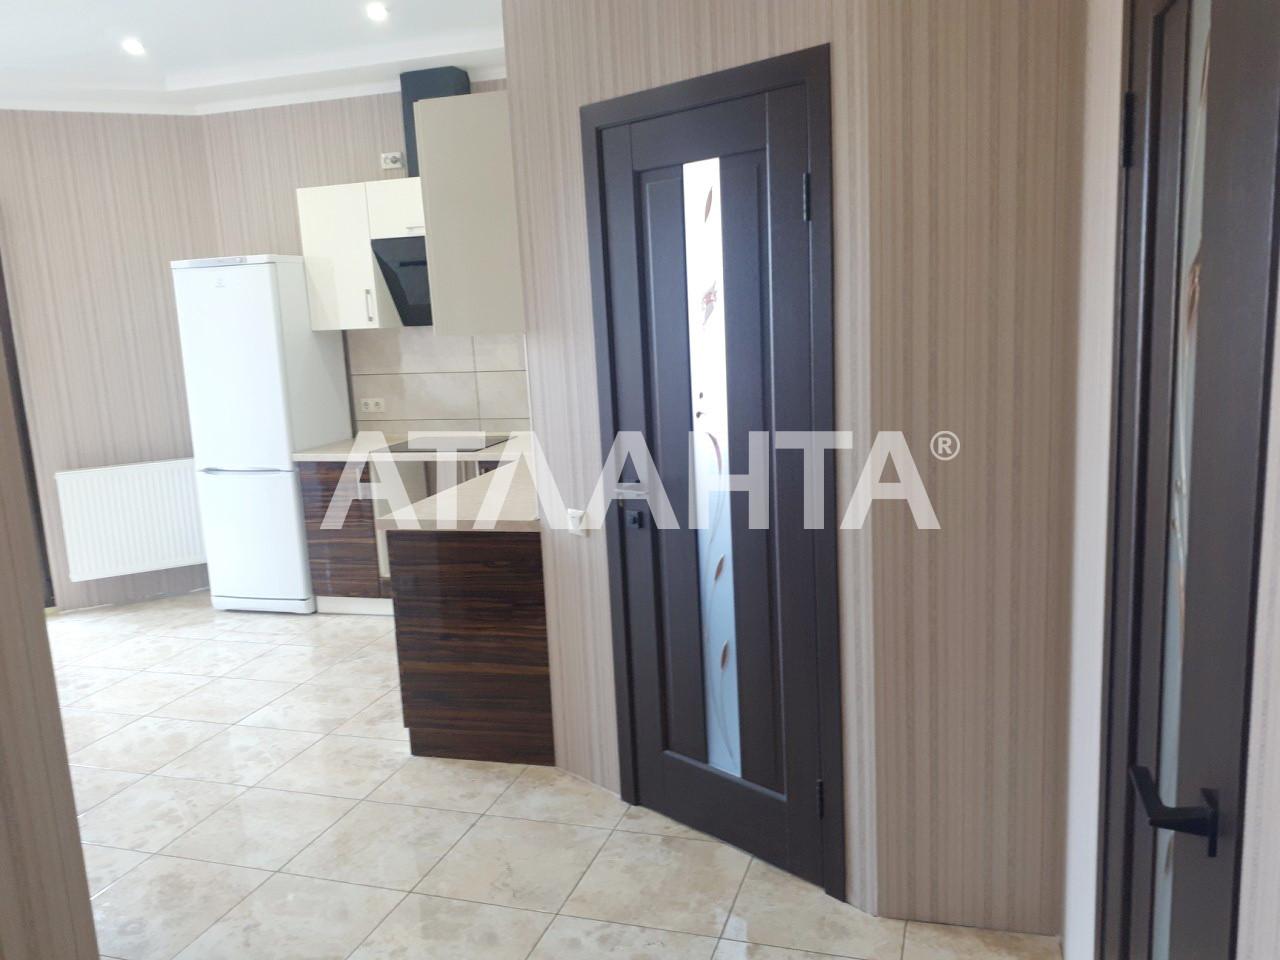 Продается 1-комнатная Квартира на ул. Ул. Вильямса — 60 000 у.е. (фото №18)